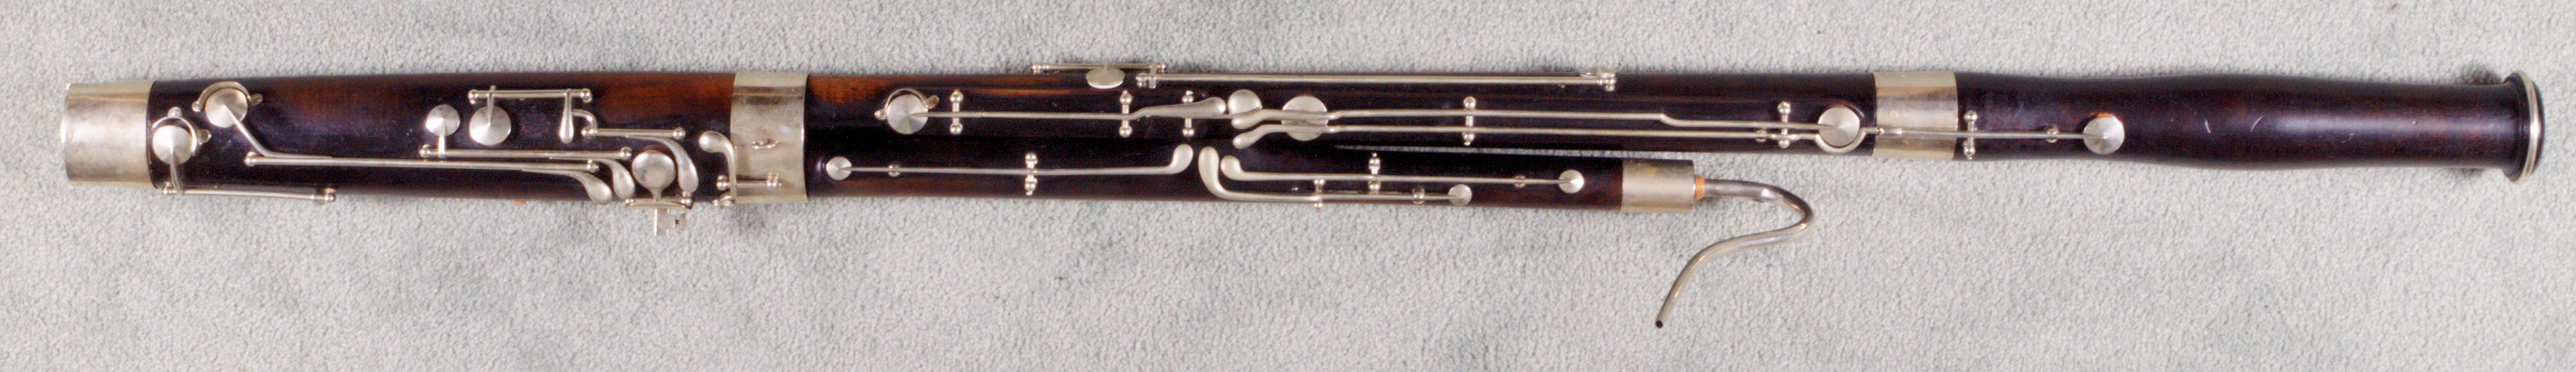 Greg's Heckel Bassoon, serial number 3620